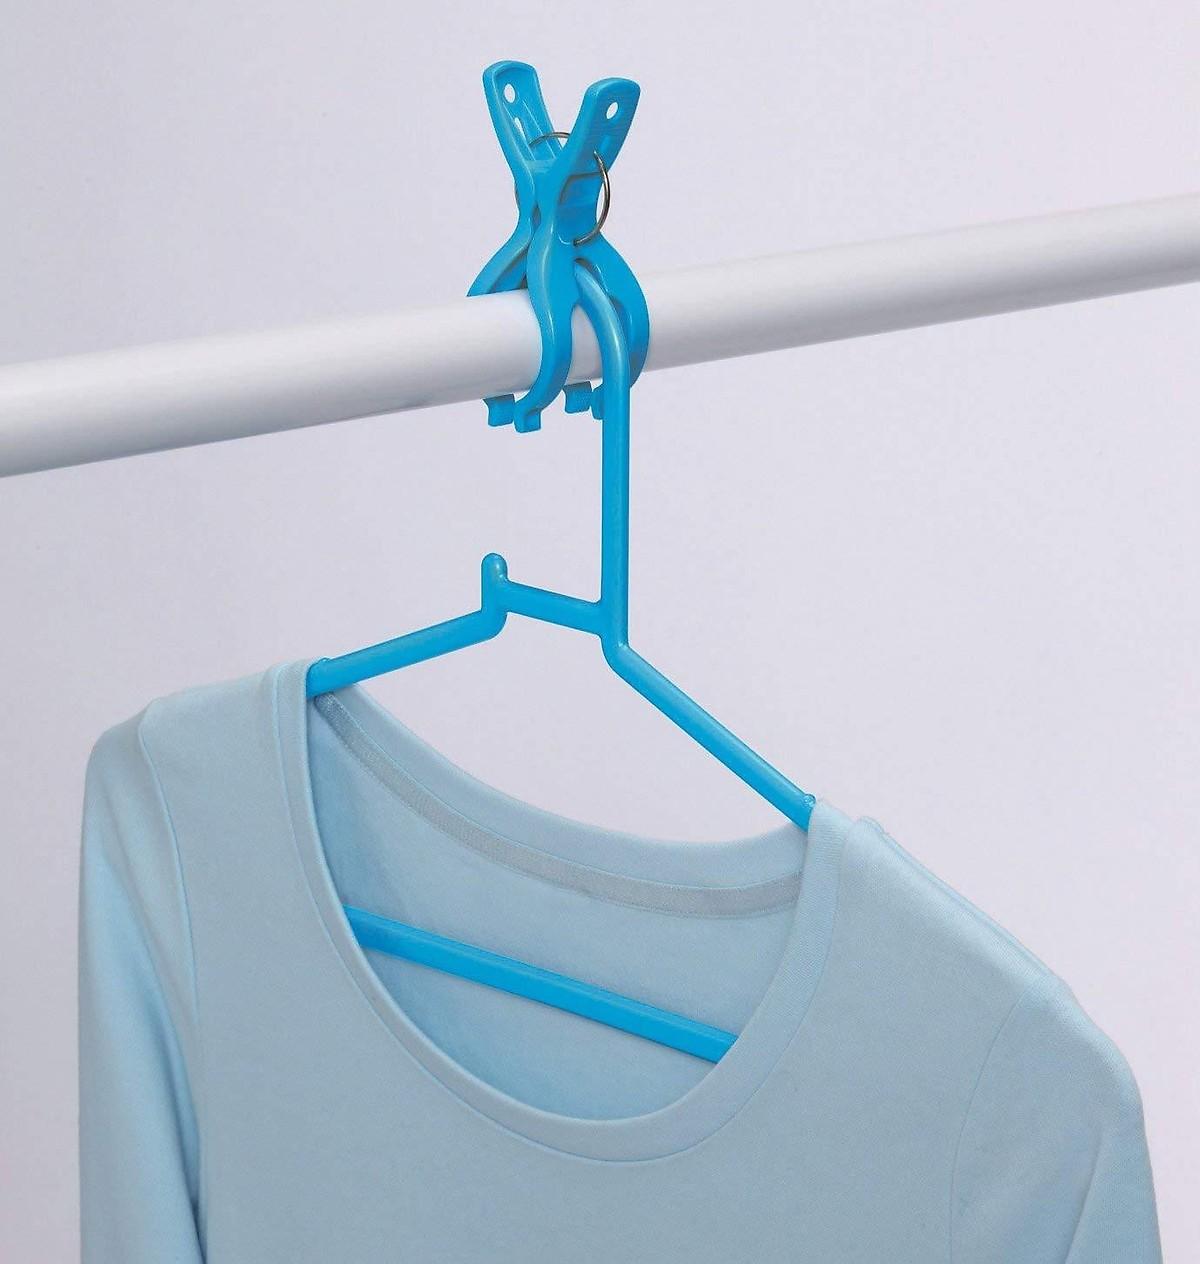 Bộ 2 kẹp ngoạm chống bay quần áo (bộ 10 cái)